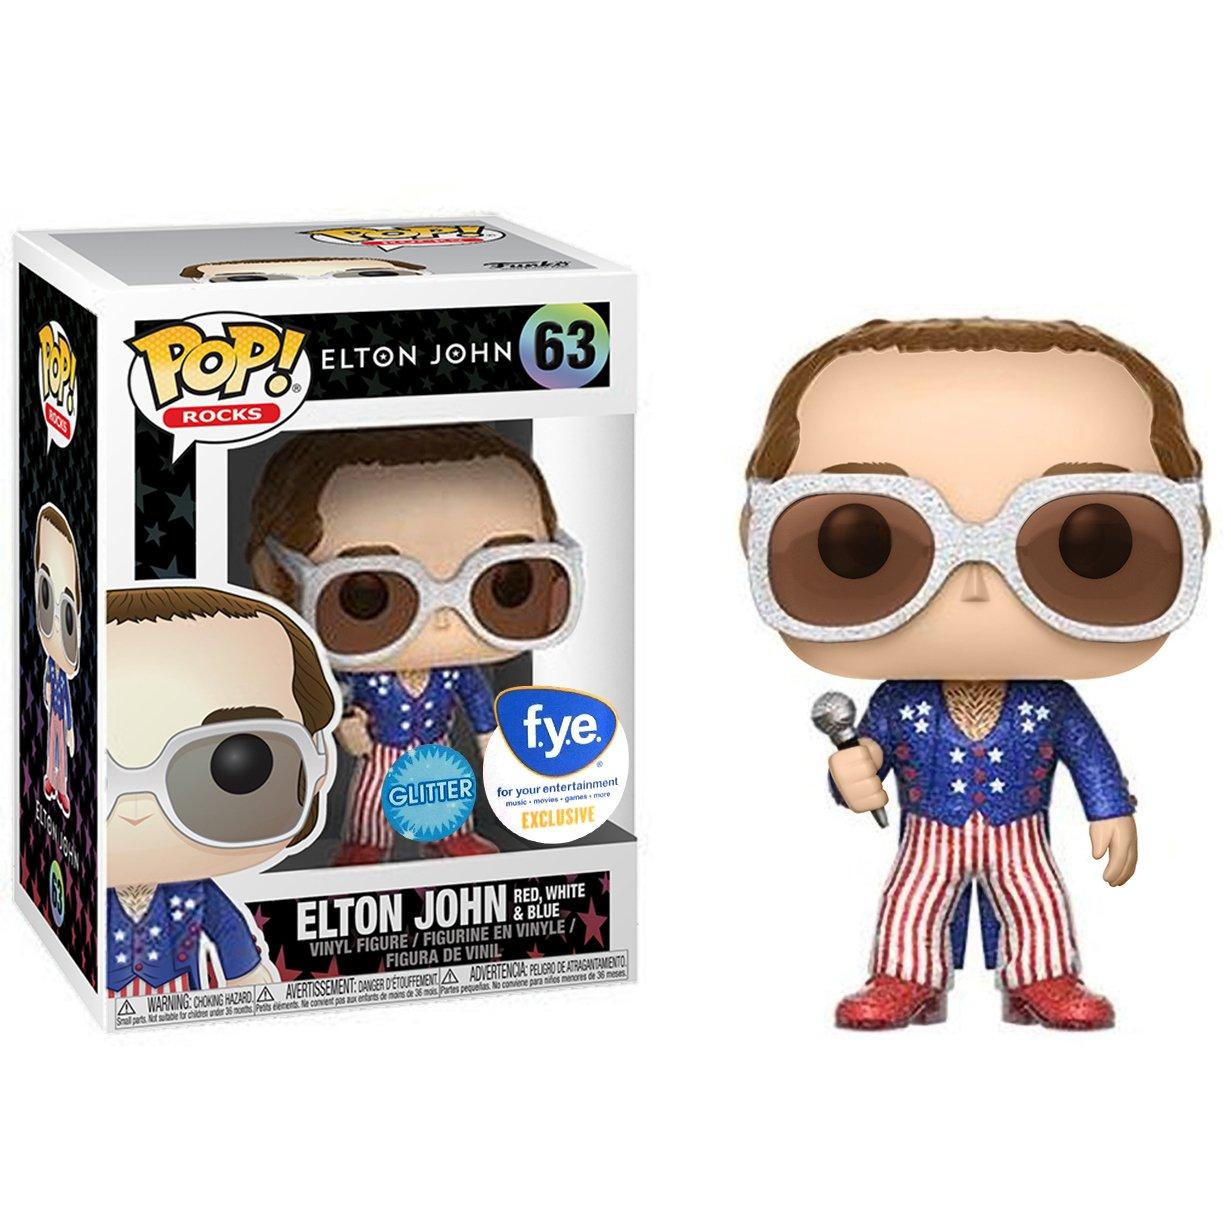 Funko Elton John Rocks Vinyl Figure /& 1 POP Glitter : x POP Red #063 // 25955 - B f.y.e. Exclusive BCC9U6871 Compatible PET Plastic Graphical Protector Bundle White /& Blue